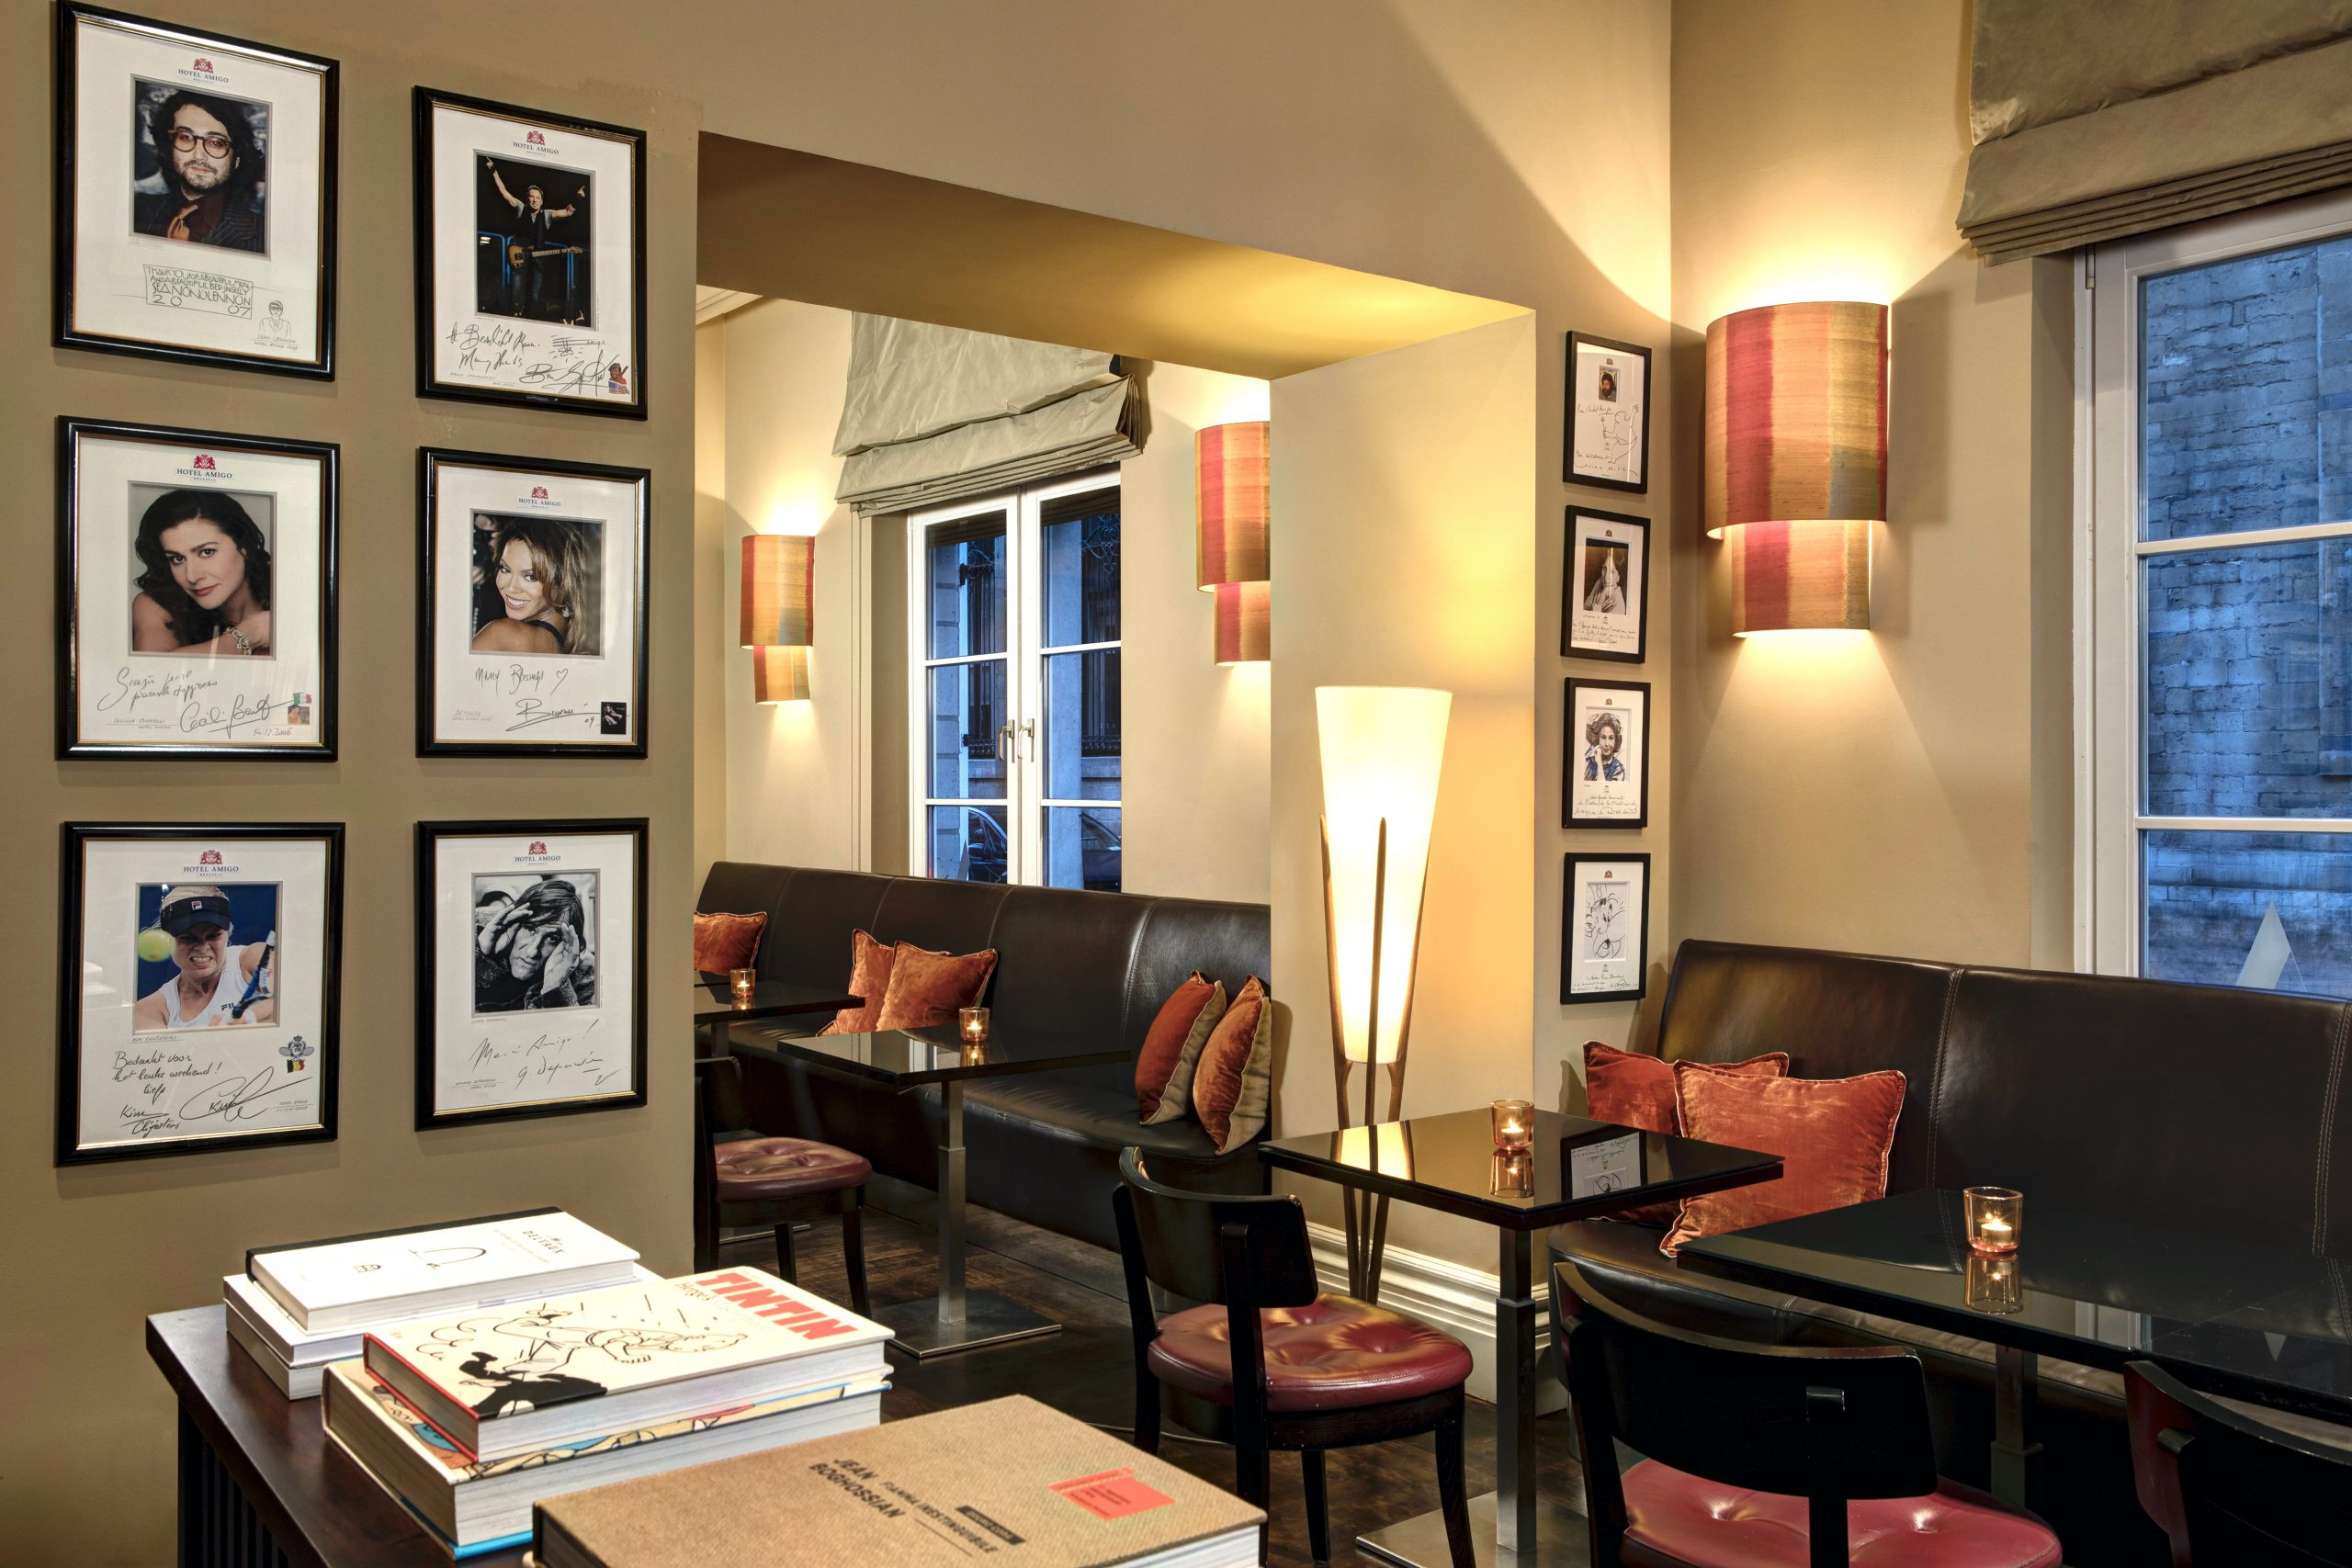 20 RFH Hotel Amigo - Bar A 9277 JG Nov 18